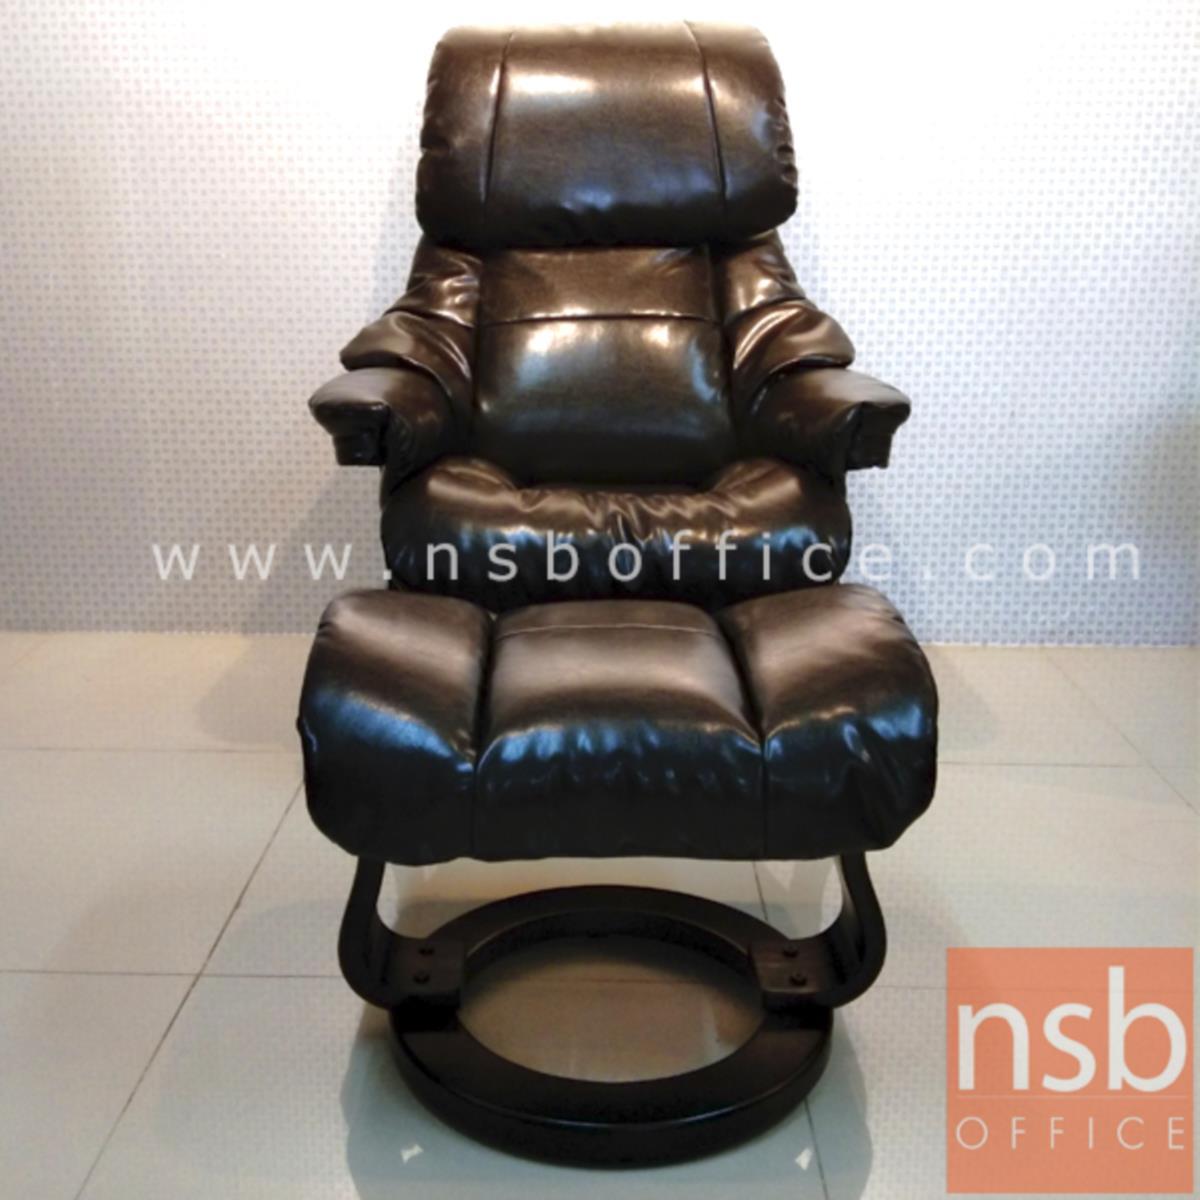 เก้าอี้พักผ่อนหนังไบแคส  รุ่น Ritchie (ริตชี) ขนาด 80W cm. พร้อมที่วางเท้า